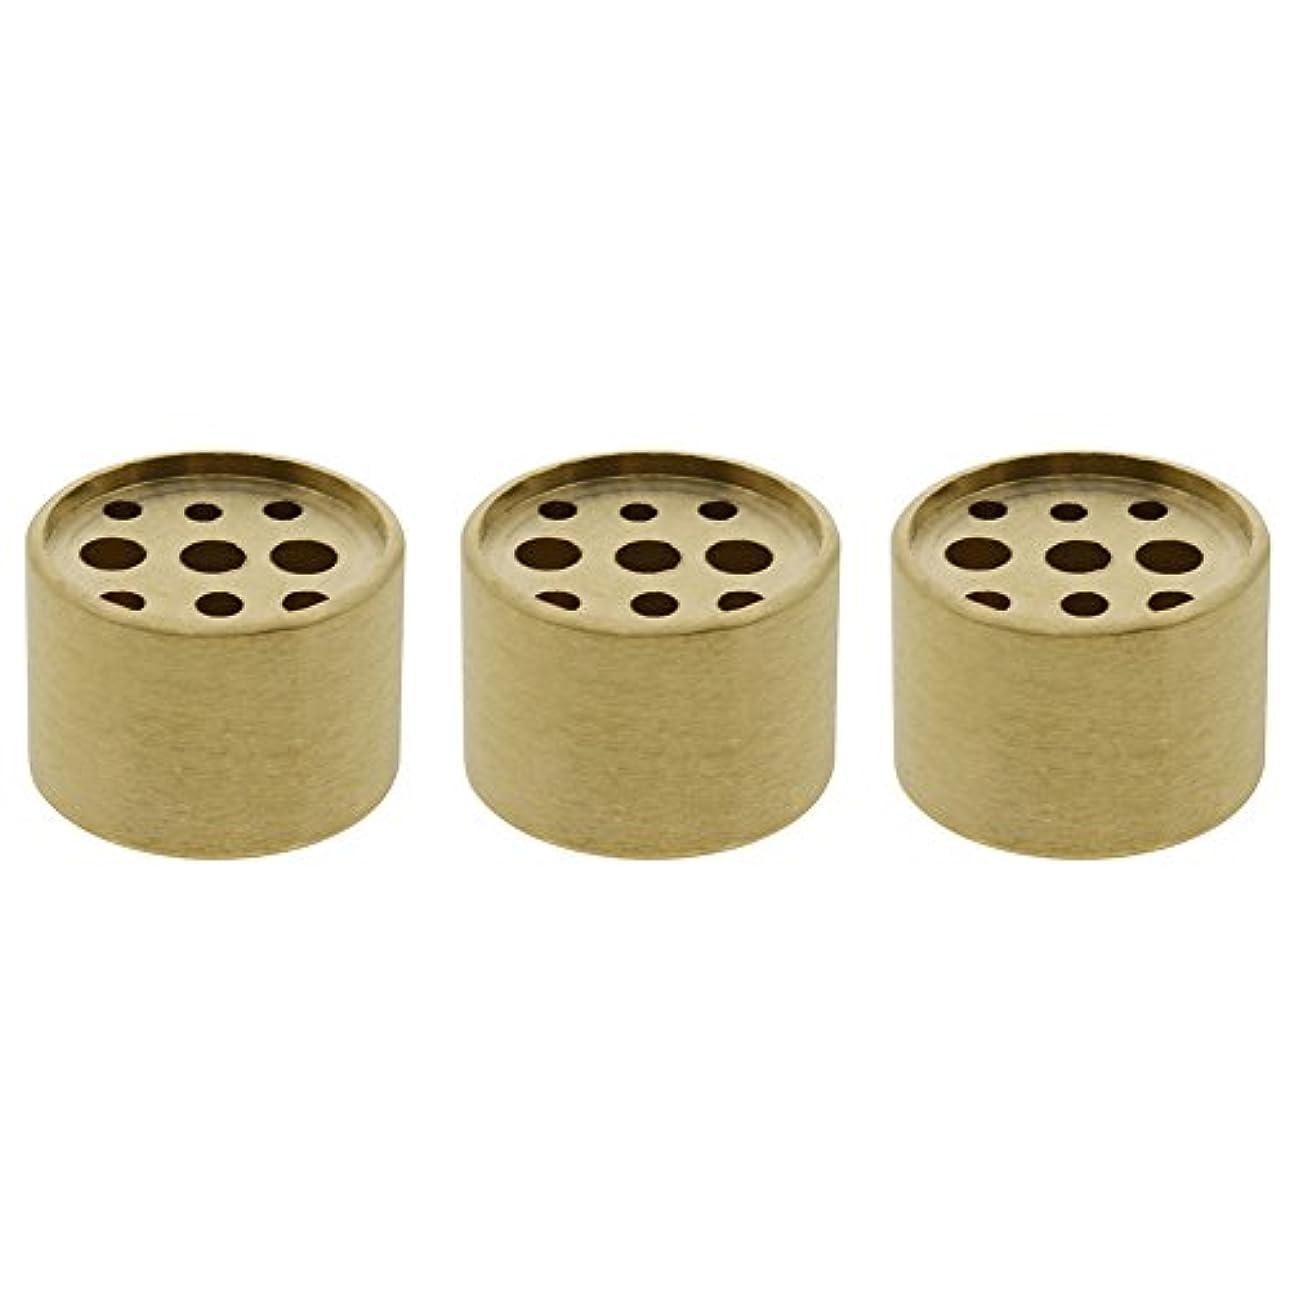 トーク狂気抑圧者Saim 3個Fine銅円柱形状Incenseホルダー9穴真鍮LotusスティックBurner for Incense